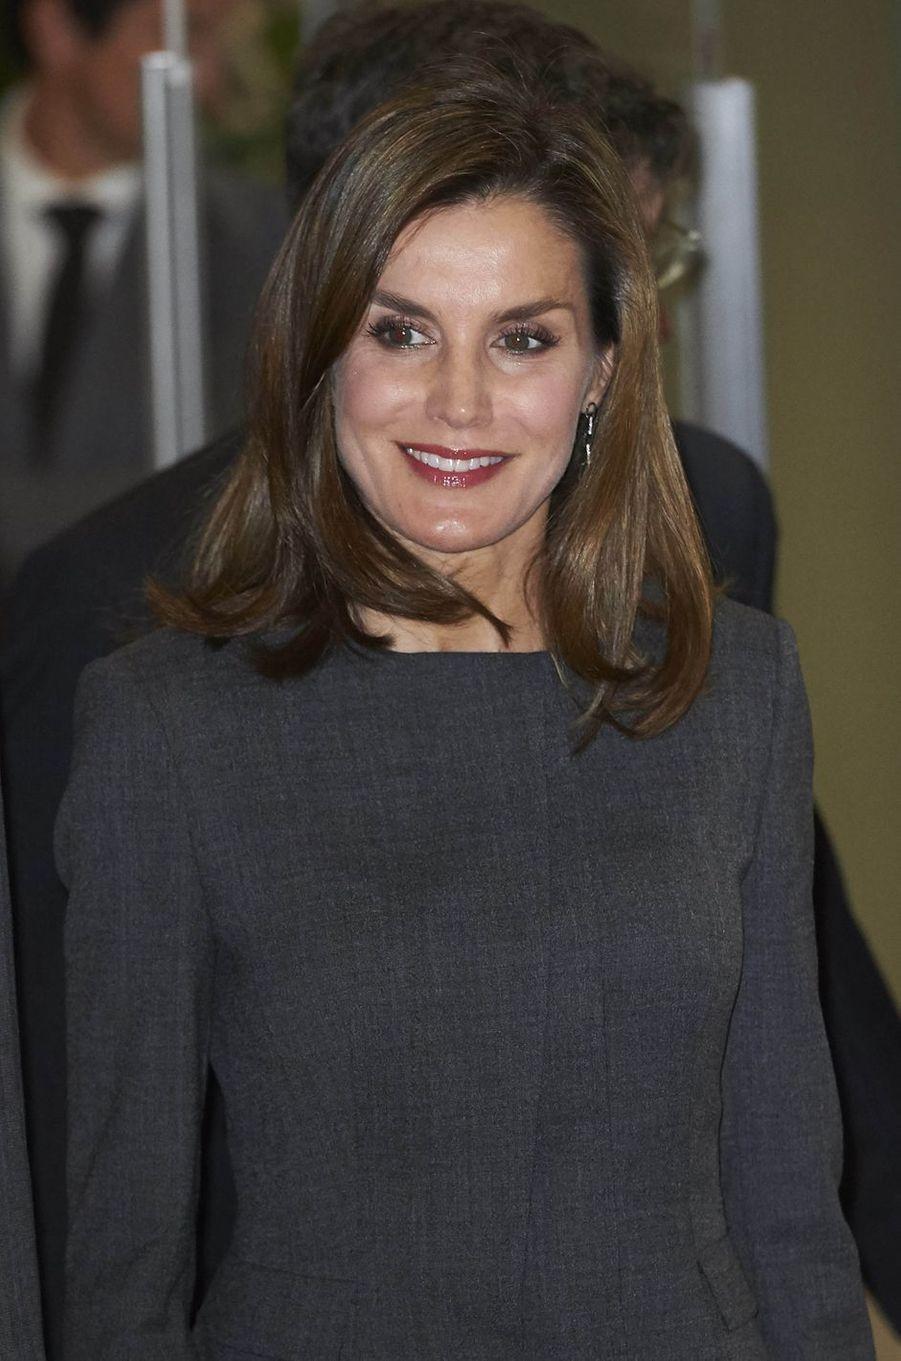 La reine Letizia d'Espagne à la Bibliothèque nationale à Madrid, le 24 novembre 2017